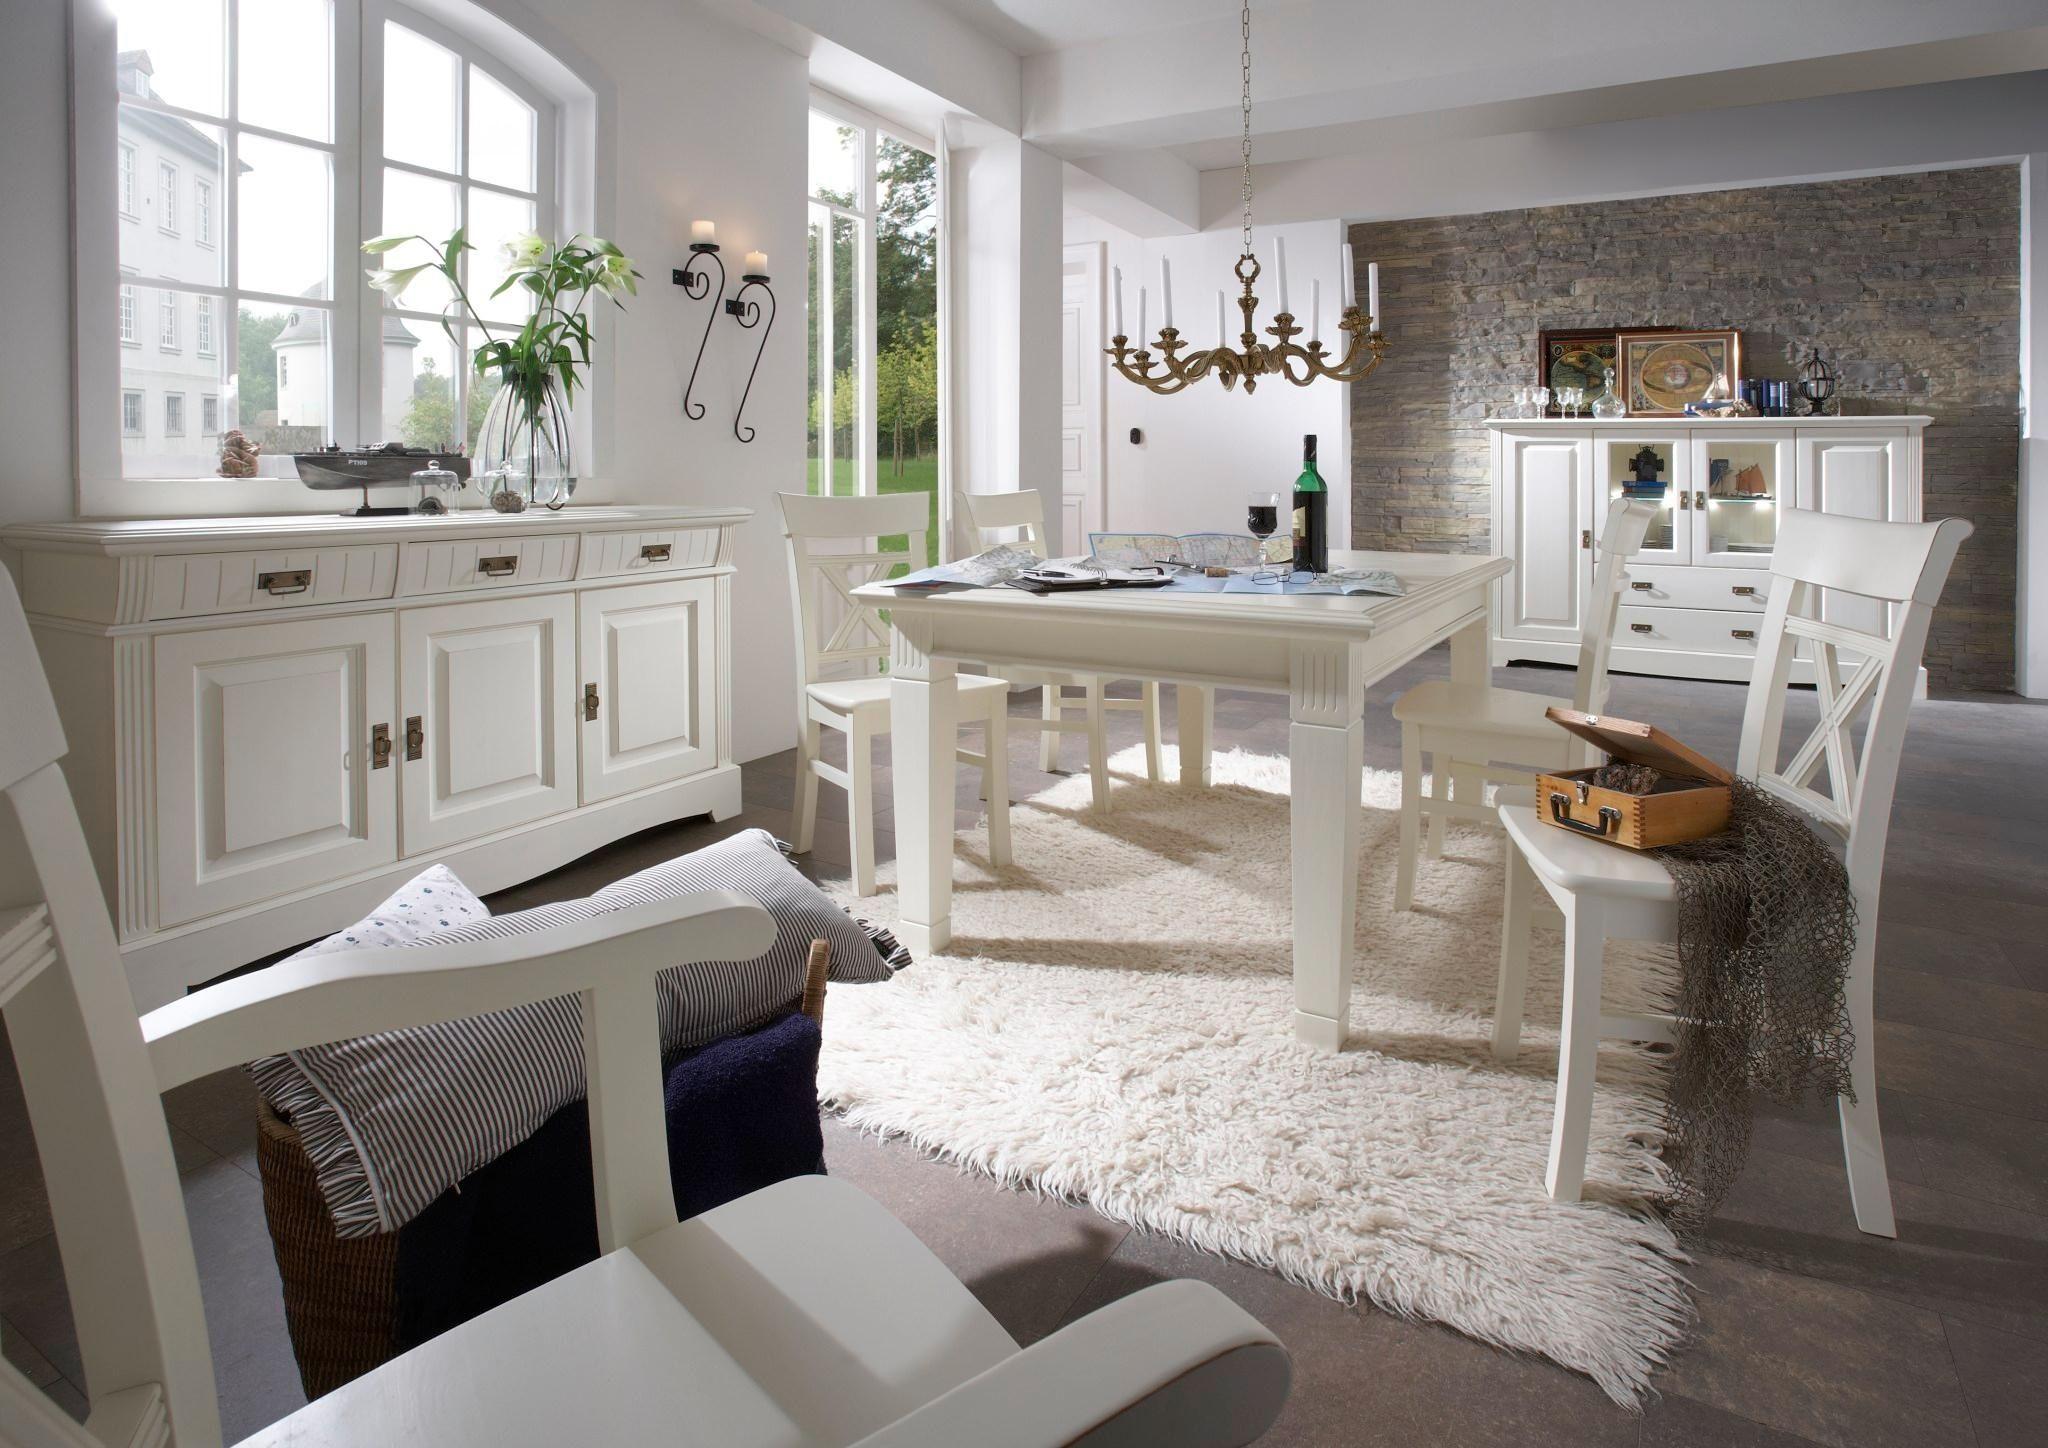 Deko Ideen Wohnzimmer Vintage Furniture Deko Furs Fensterbrett